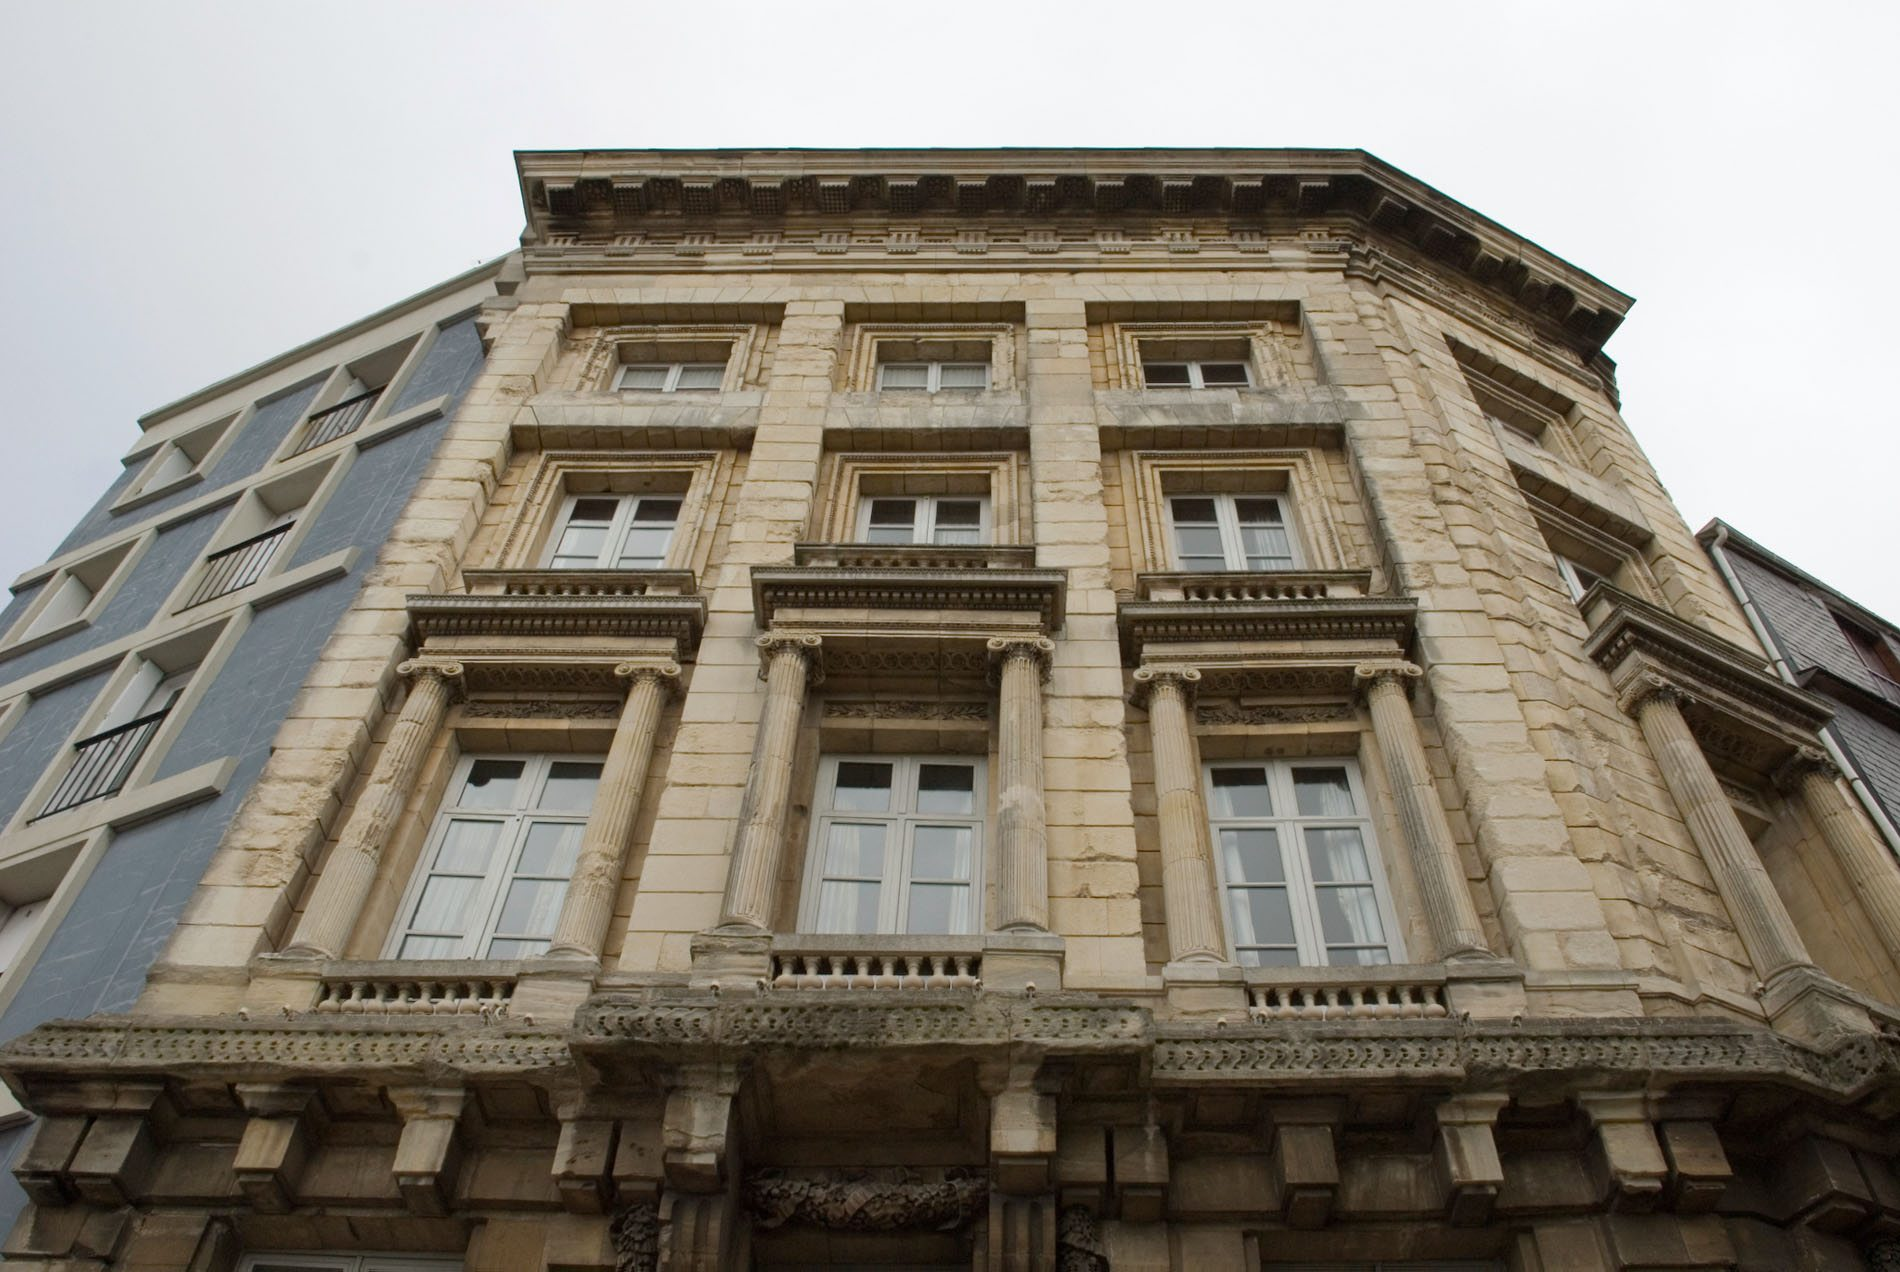 Parcours Les Bassins.  ... oder das Maison de l'Armateur (Haus des Reeders).